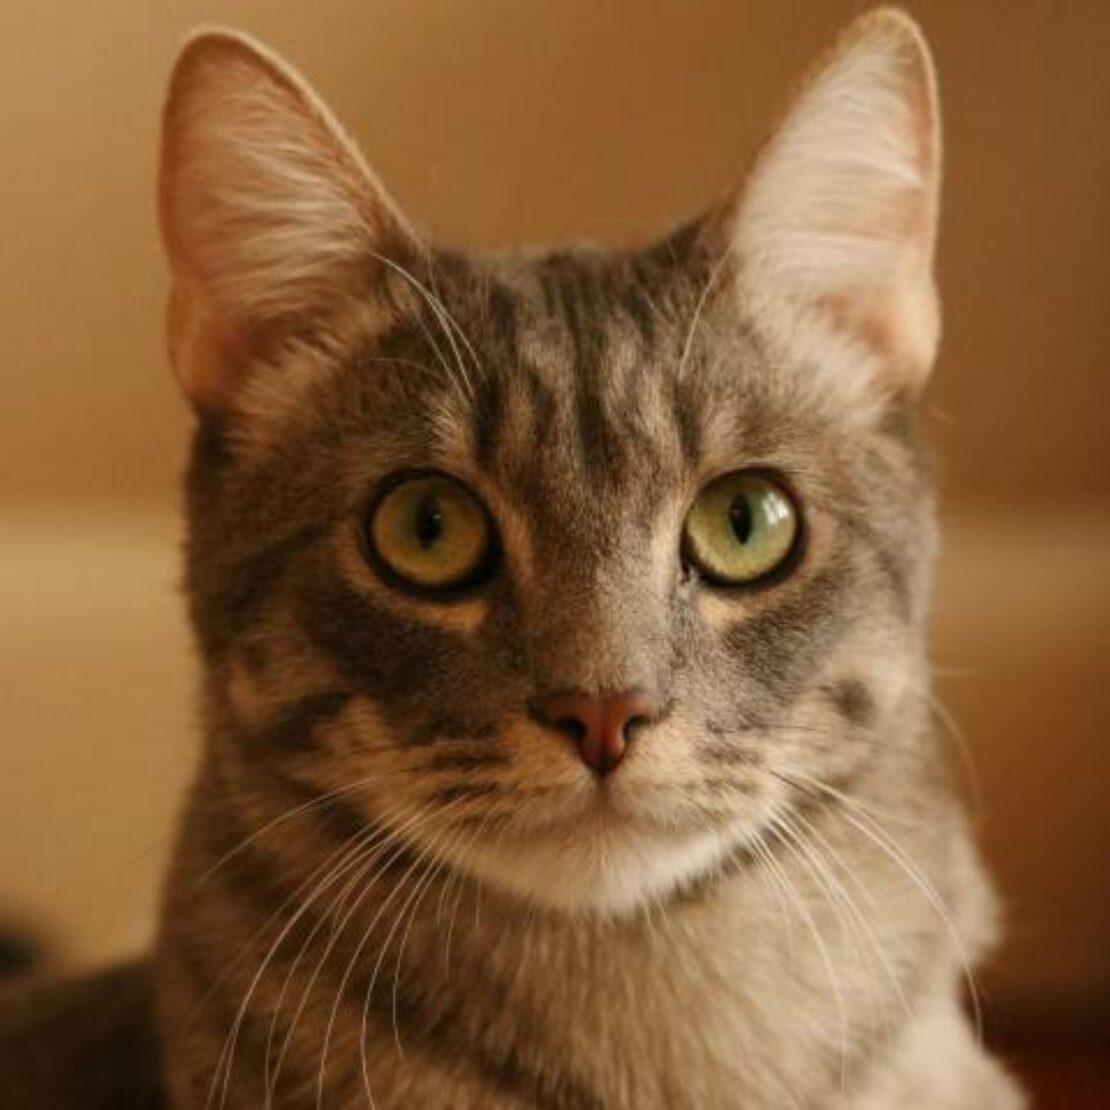 Gray tabby looks at camera, his eyes bright and staring upward.